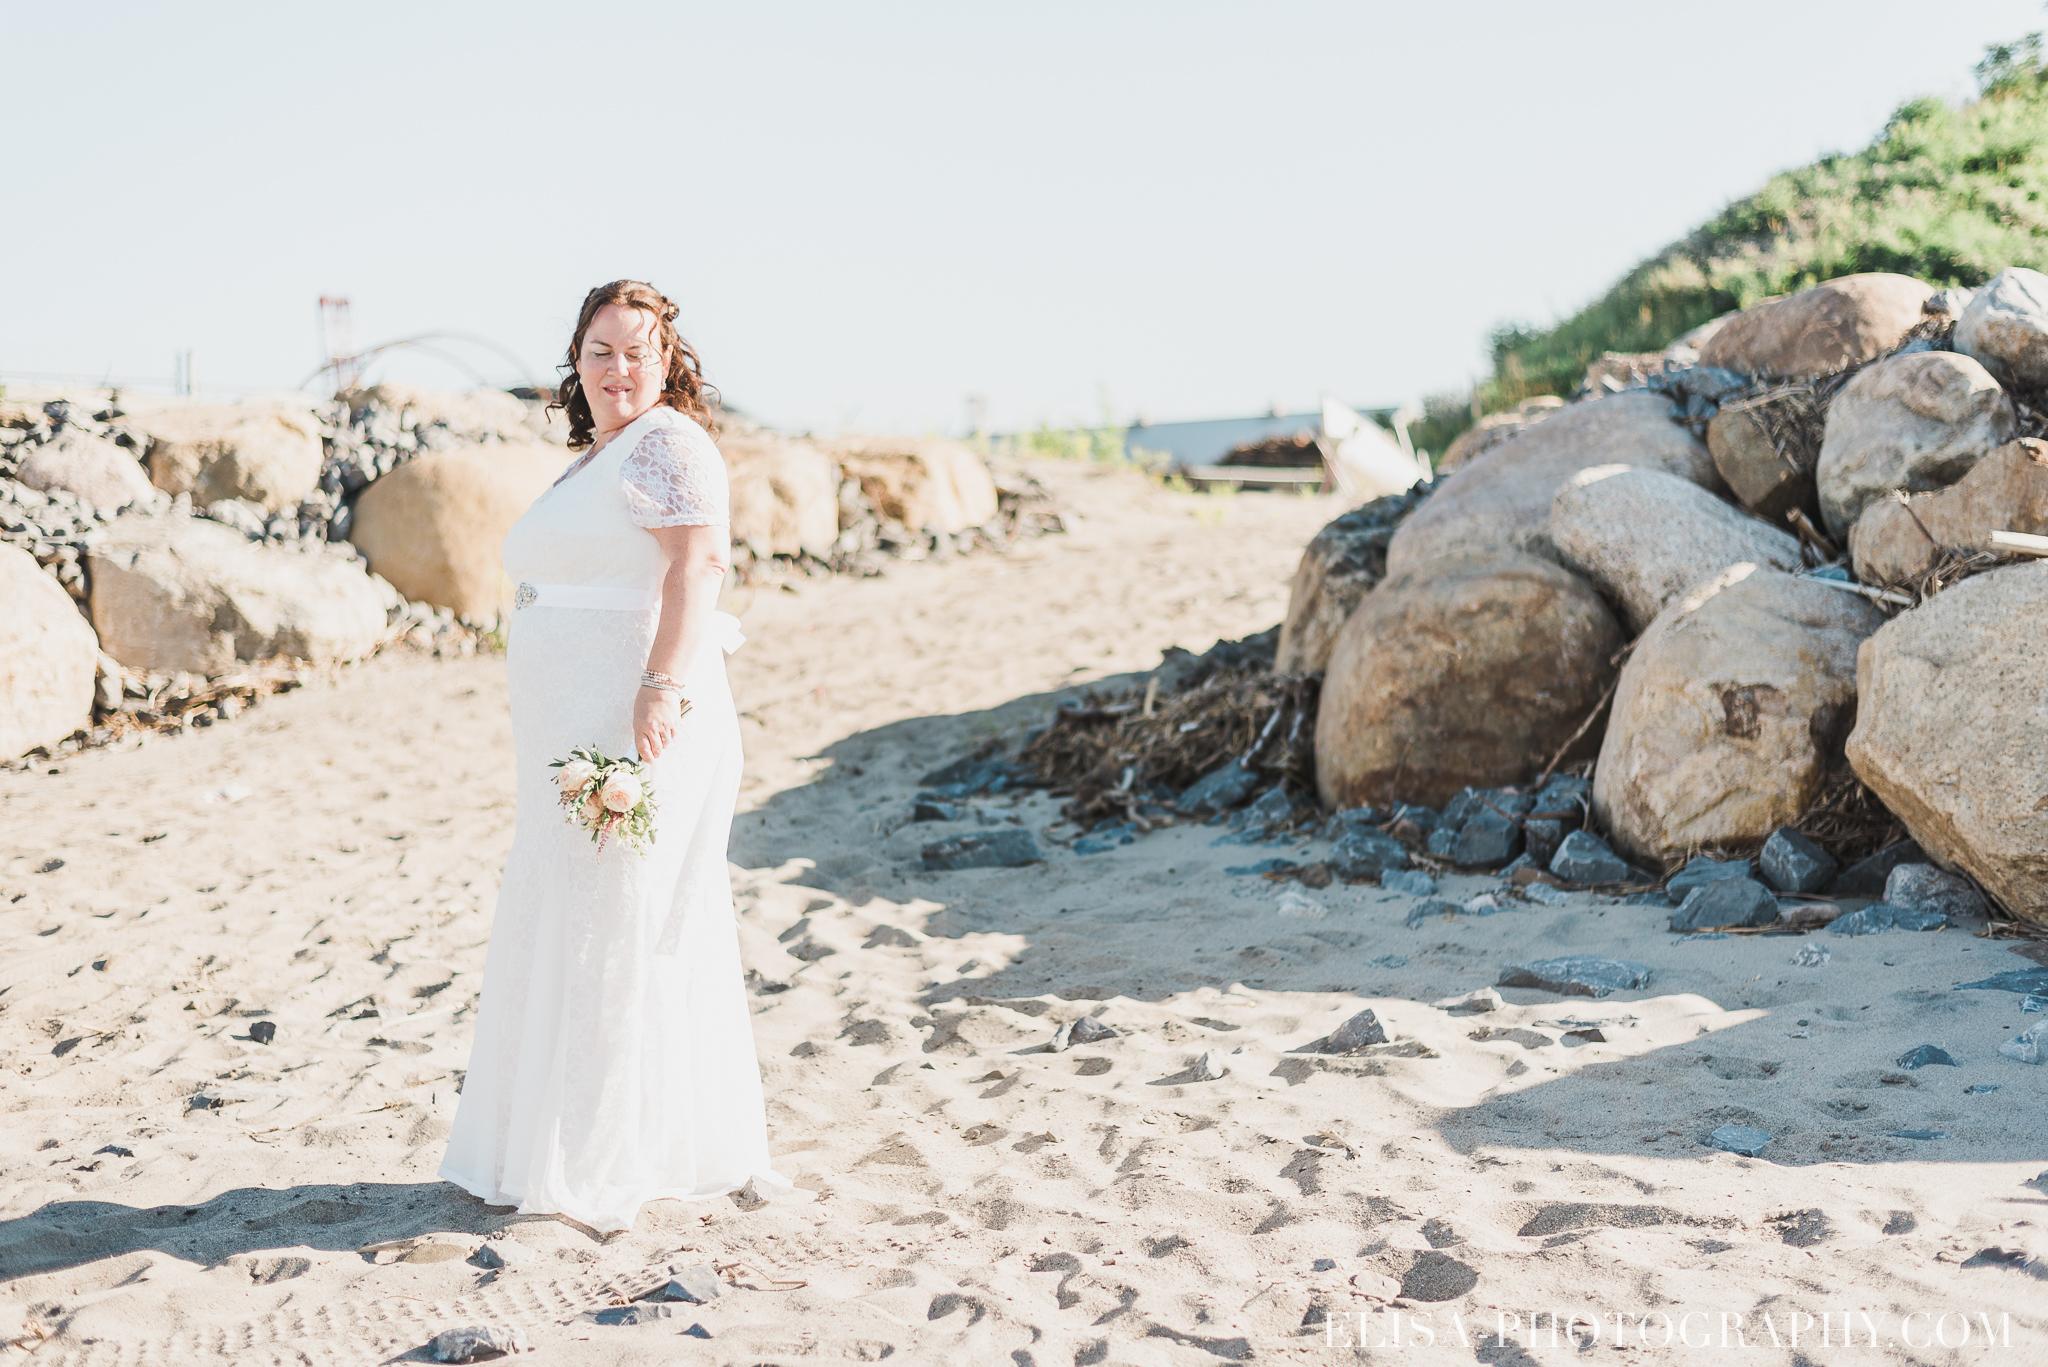 photo mariage portrait couple naturel fleuve riviere plage quai 8467 - Mariage à la plage de la baie de Beauport